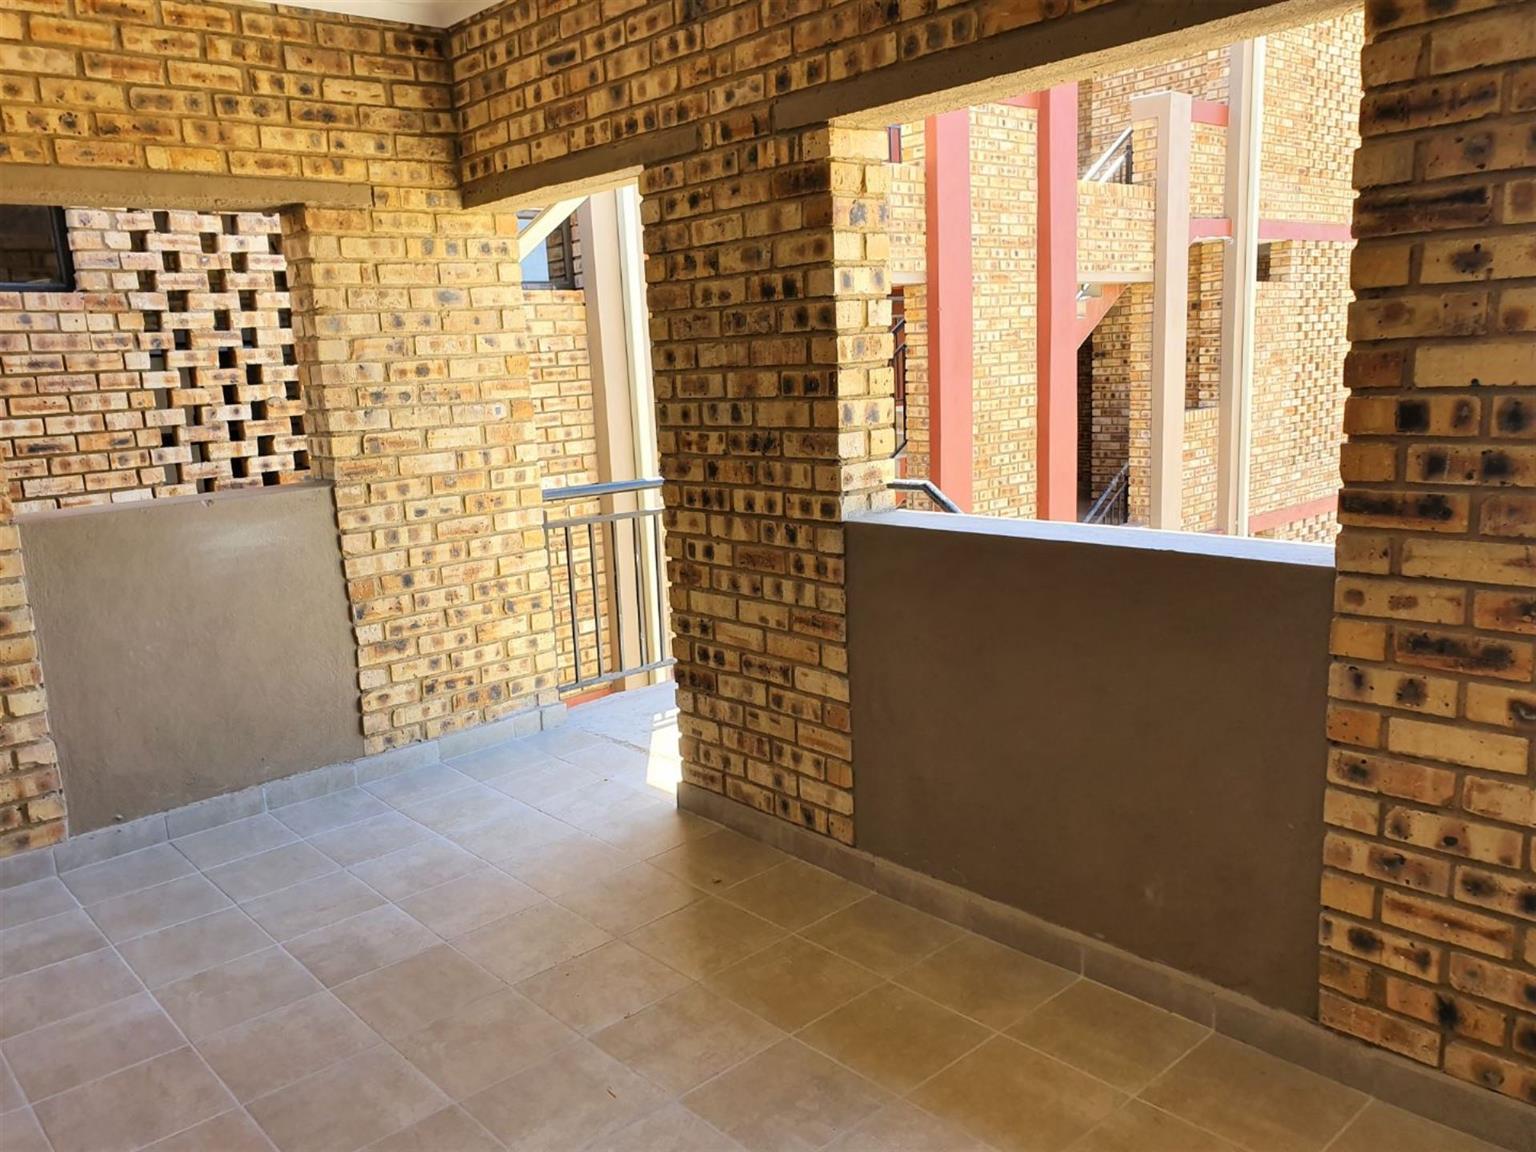 Apartment Rental Monthly in RASLOUW